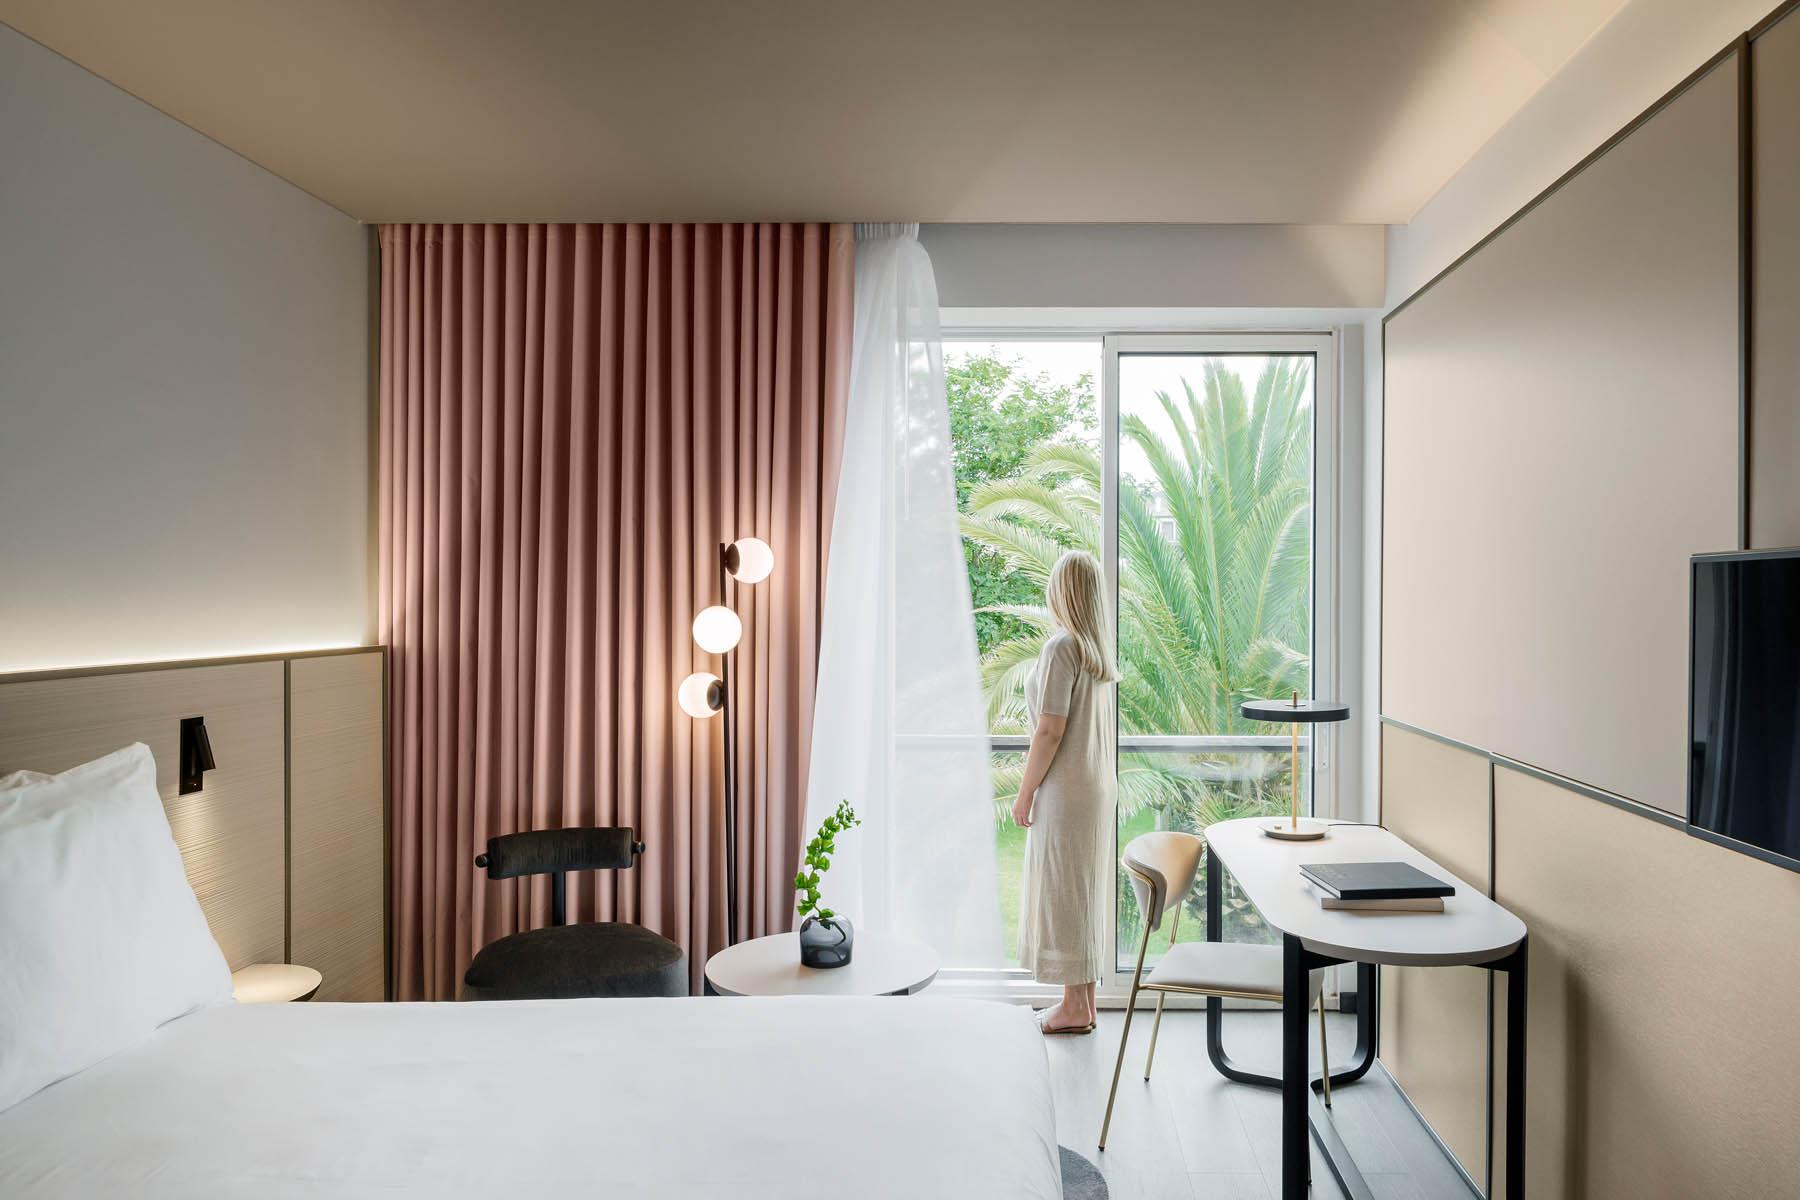 Hotel Azoris Royal Garden na Ilha de S.Miguel nos Açores, proje